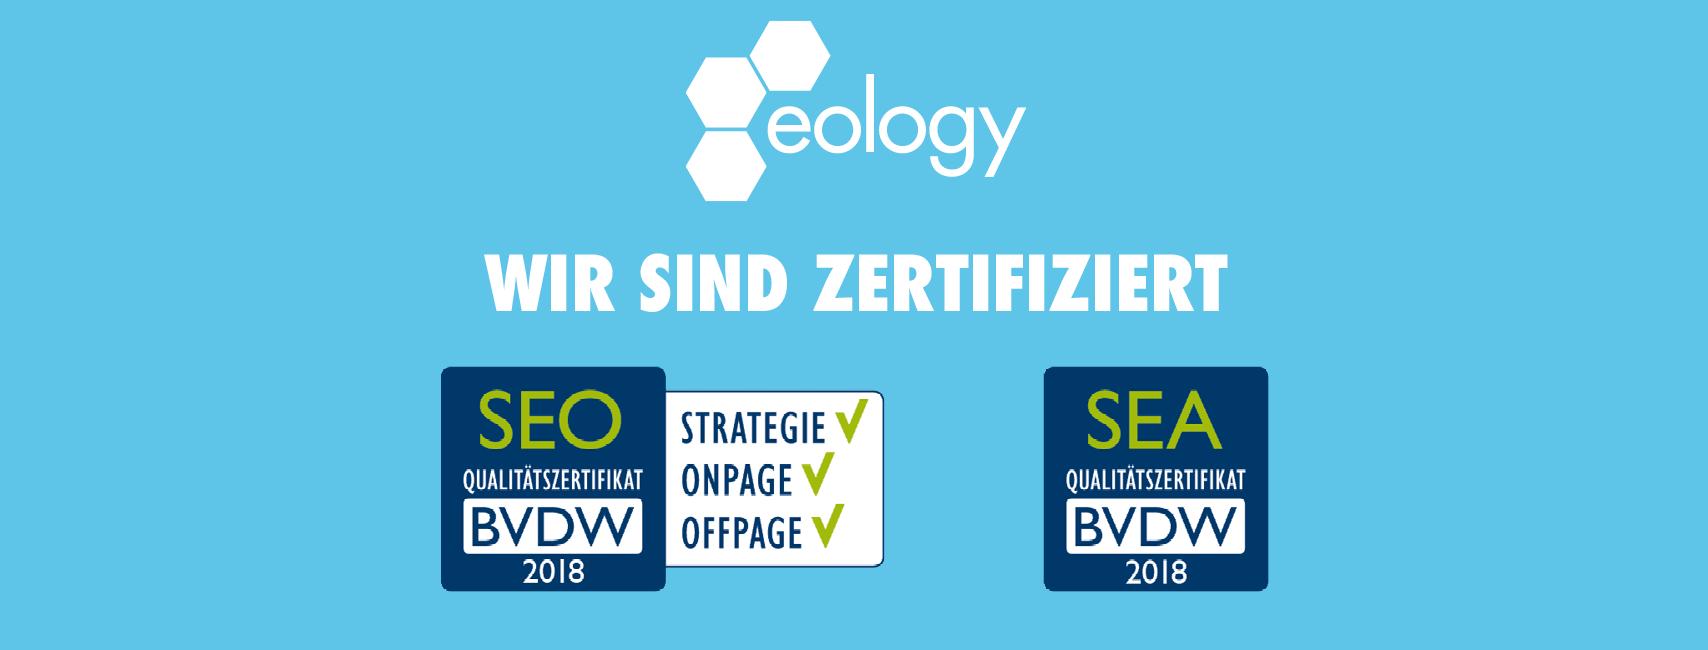 BVDW-Zertifikate 2018